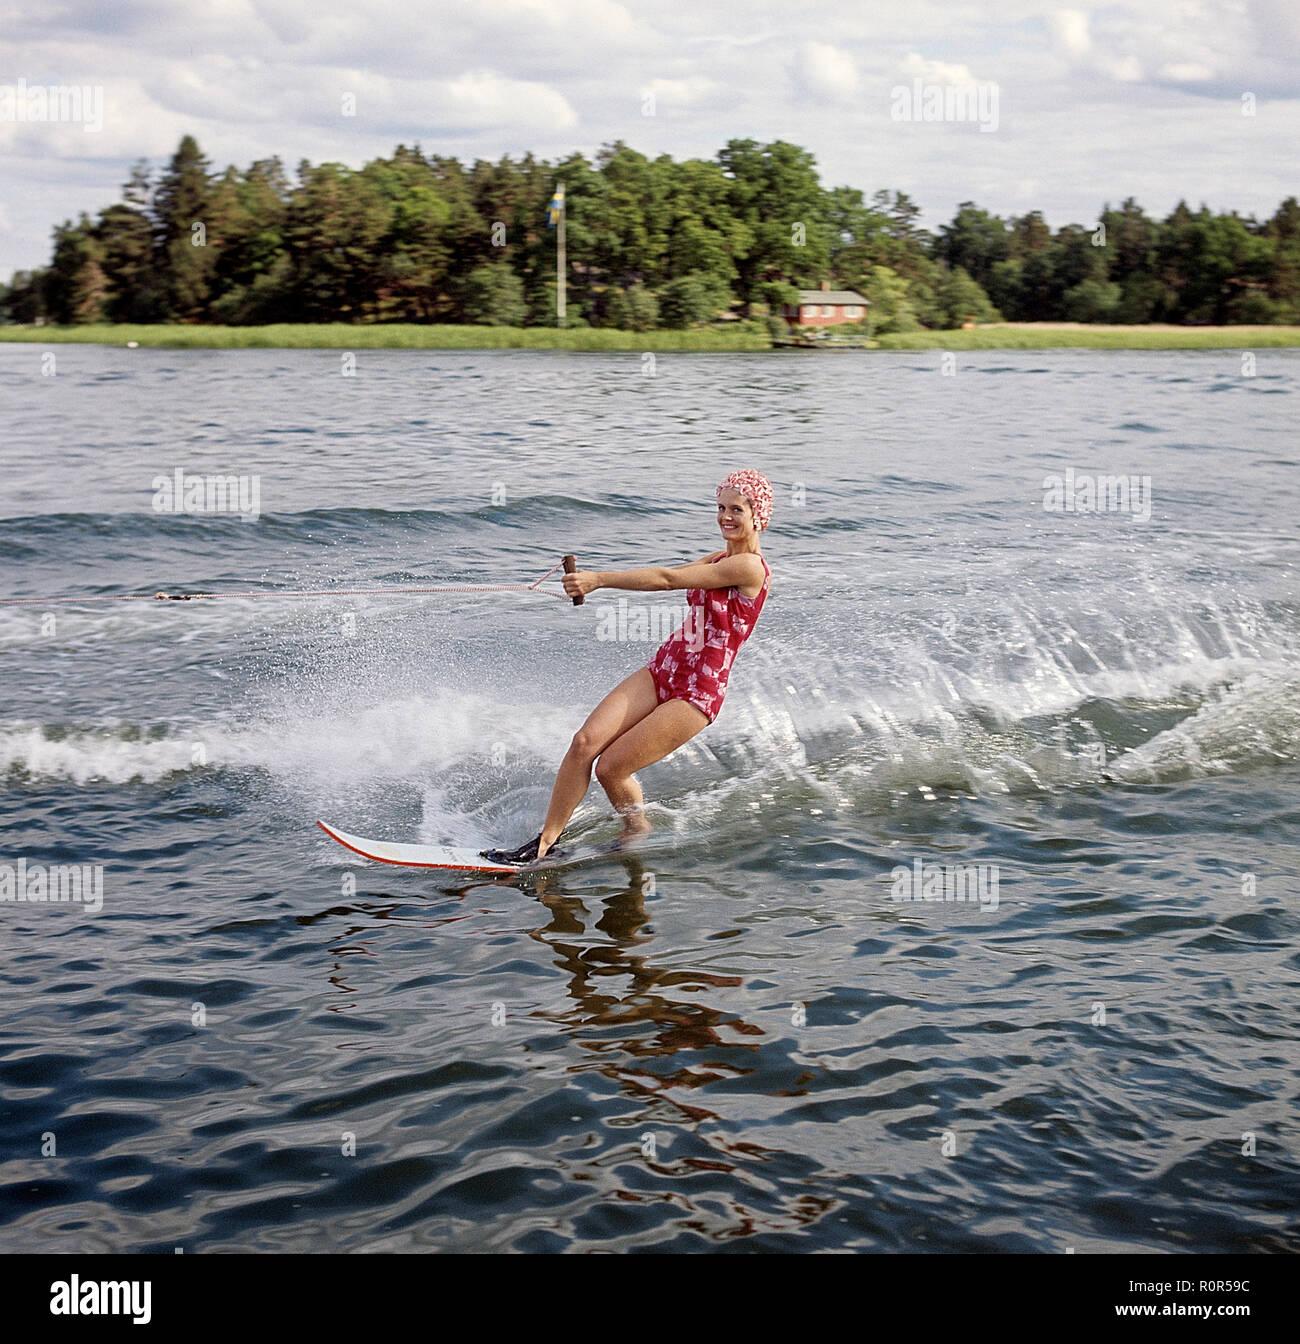 Wasserski in den 1960er Jahren. Eine junge Frau in einem gemusterten Badeanzug übergibt die Fotografen auf ihre Wasserski. Sie hat eine typische Badekappe auf. Schweden 1946 Foto Kristoffersson ref CV 12-7 Stockbild